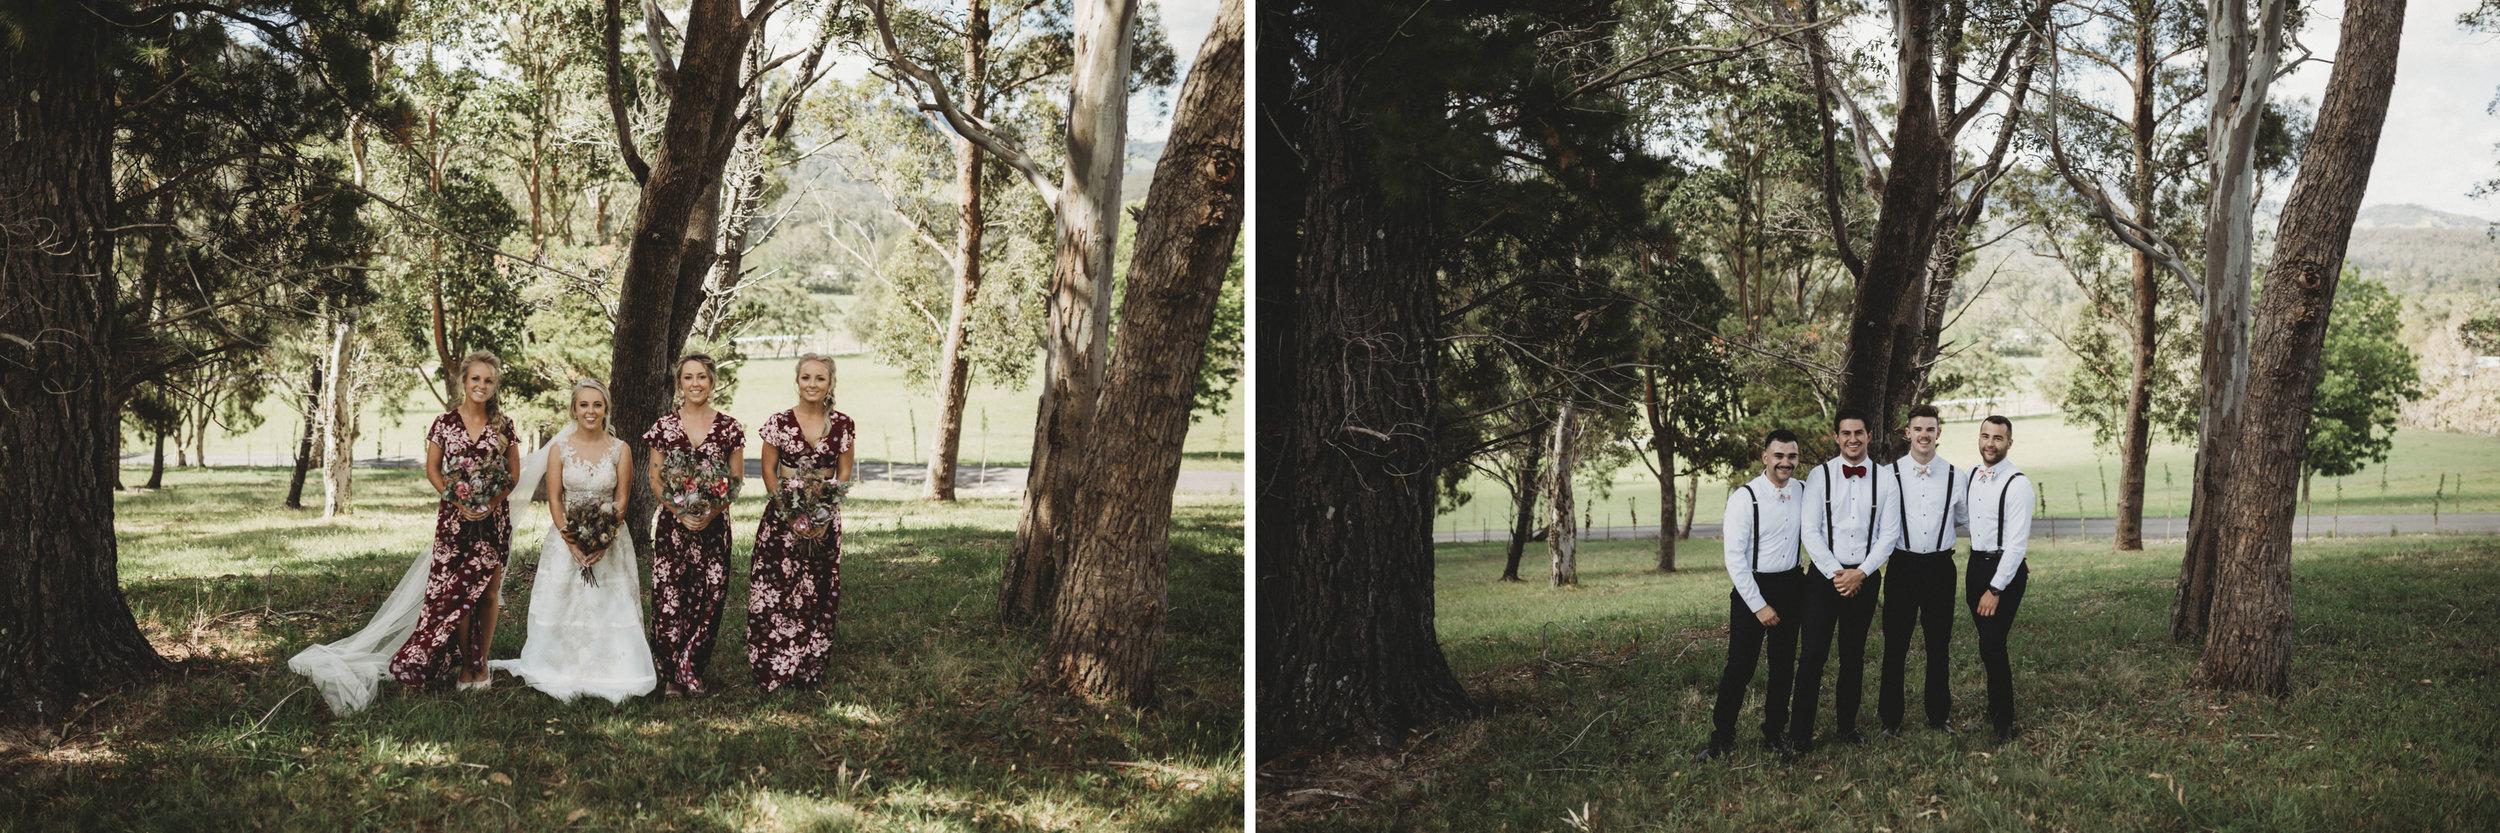 ElizaJadePhotography-19.jpg